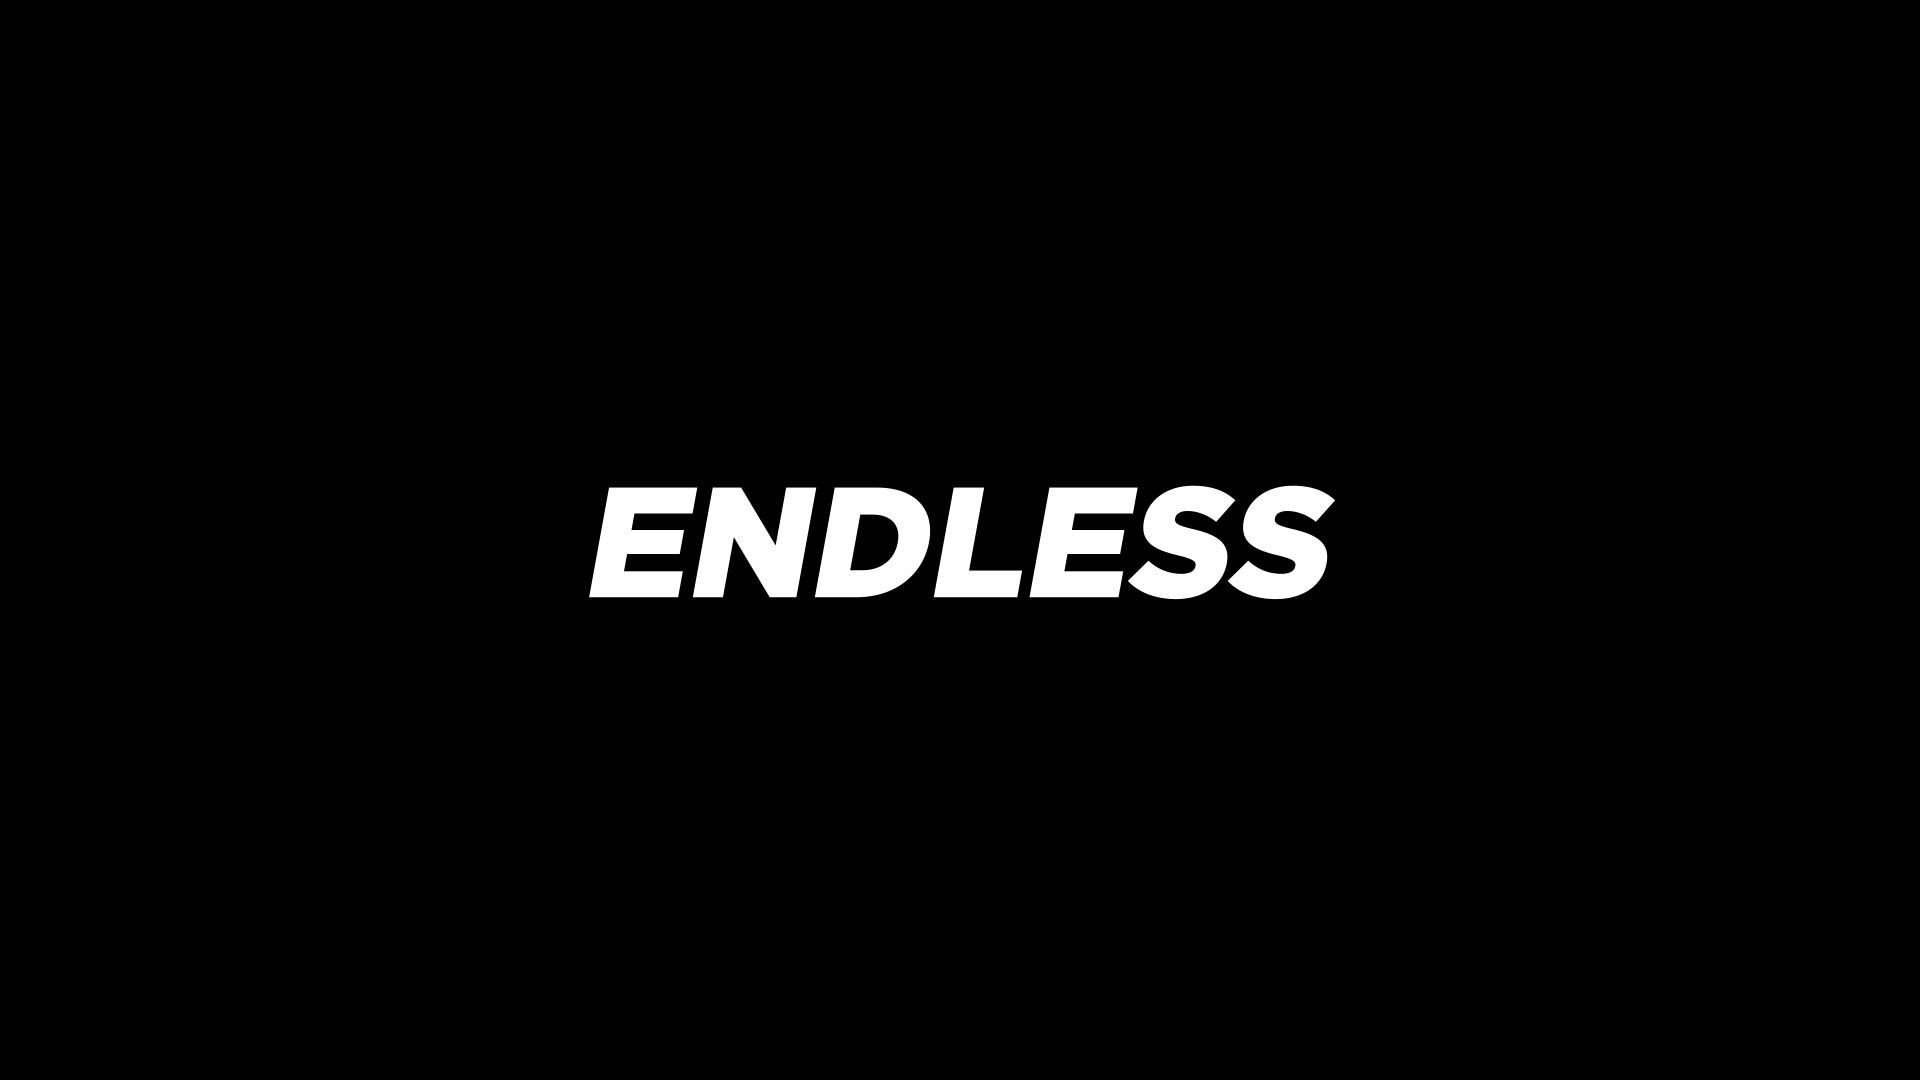 endless.jpg